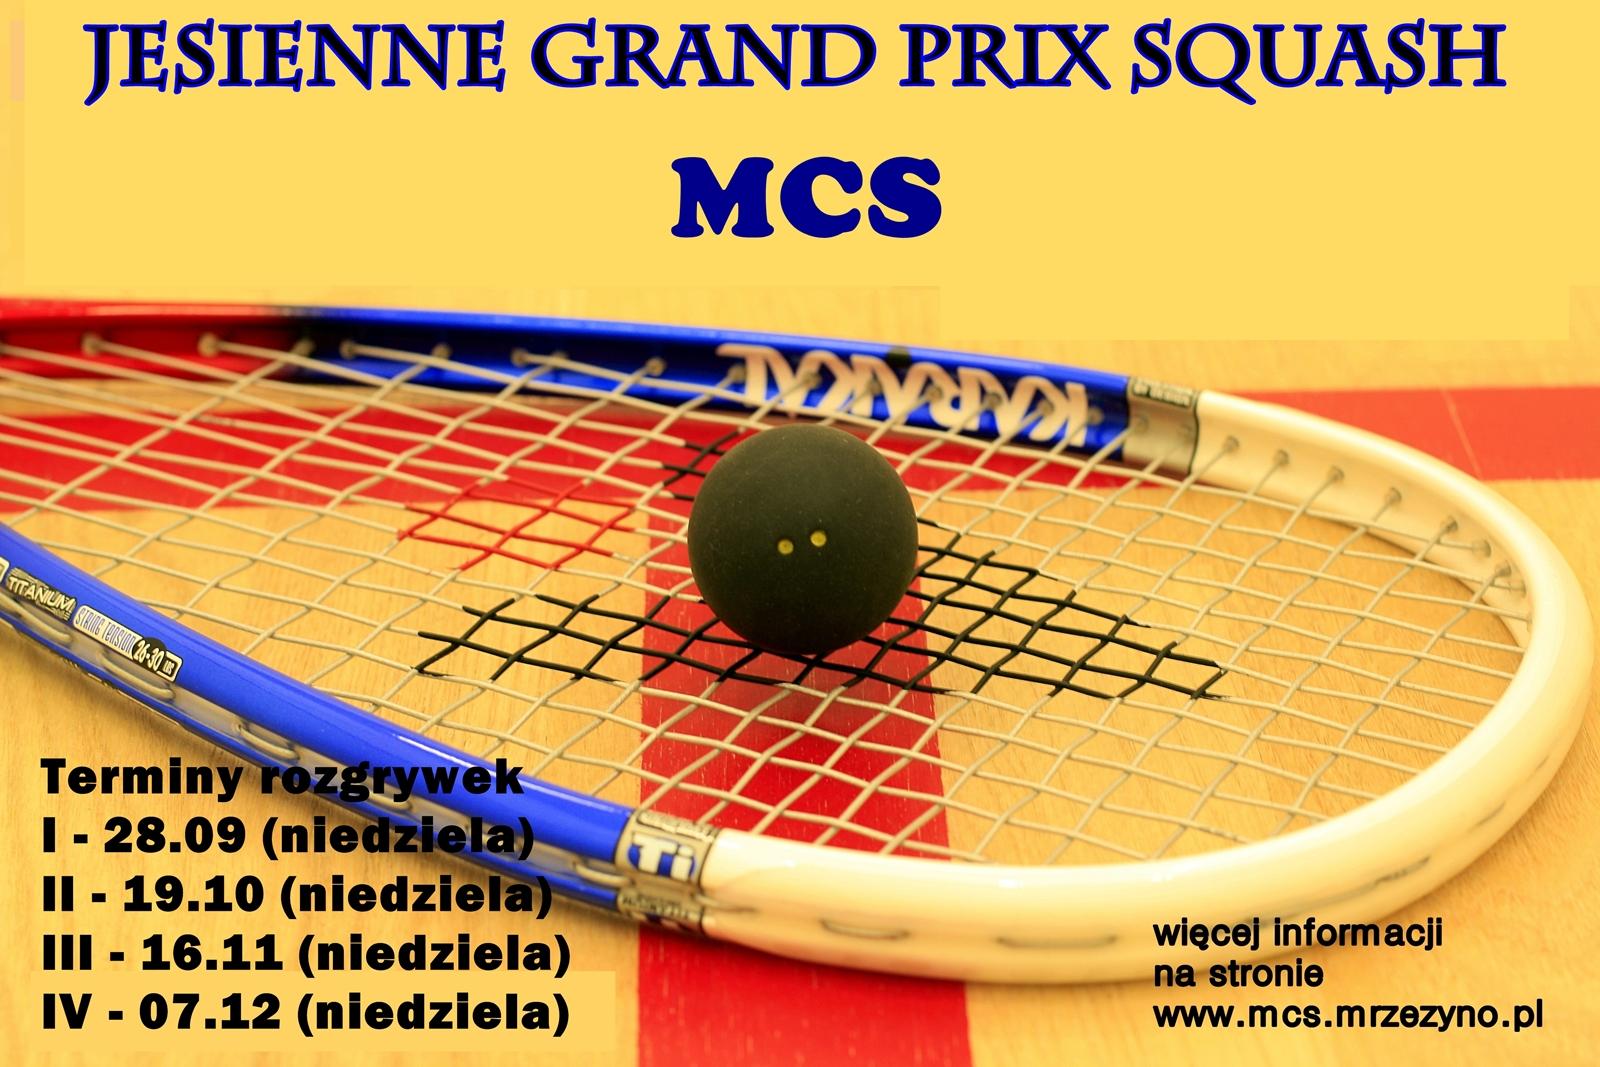 Jesienne Grand Prix Squash w MCS